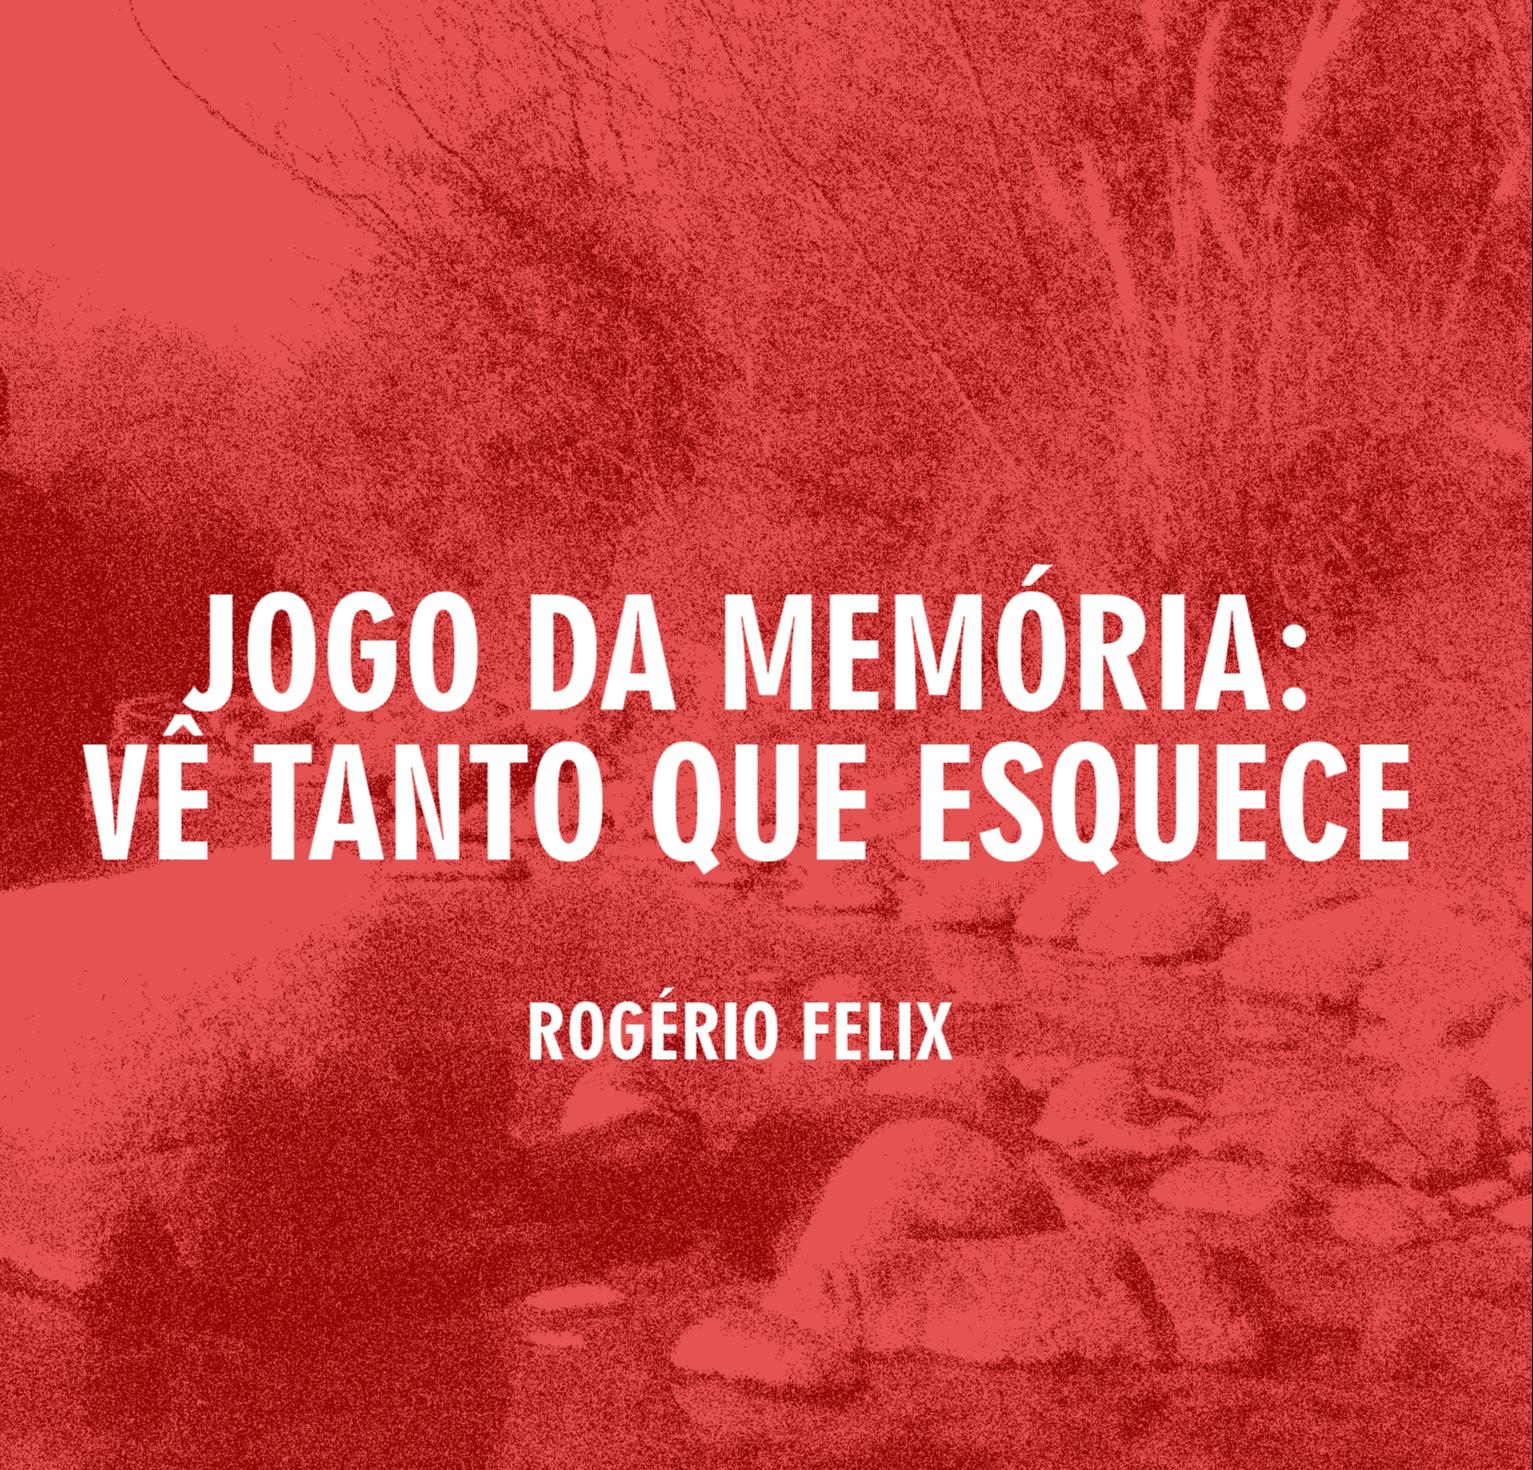 Jogo da Memória: vê tanto que esquece - Rogério Felix